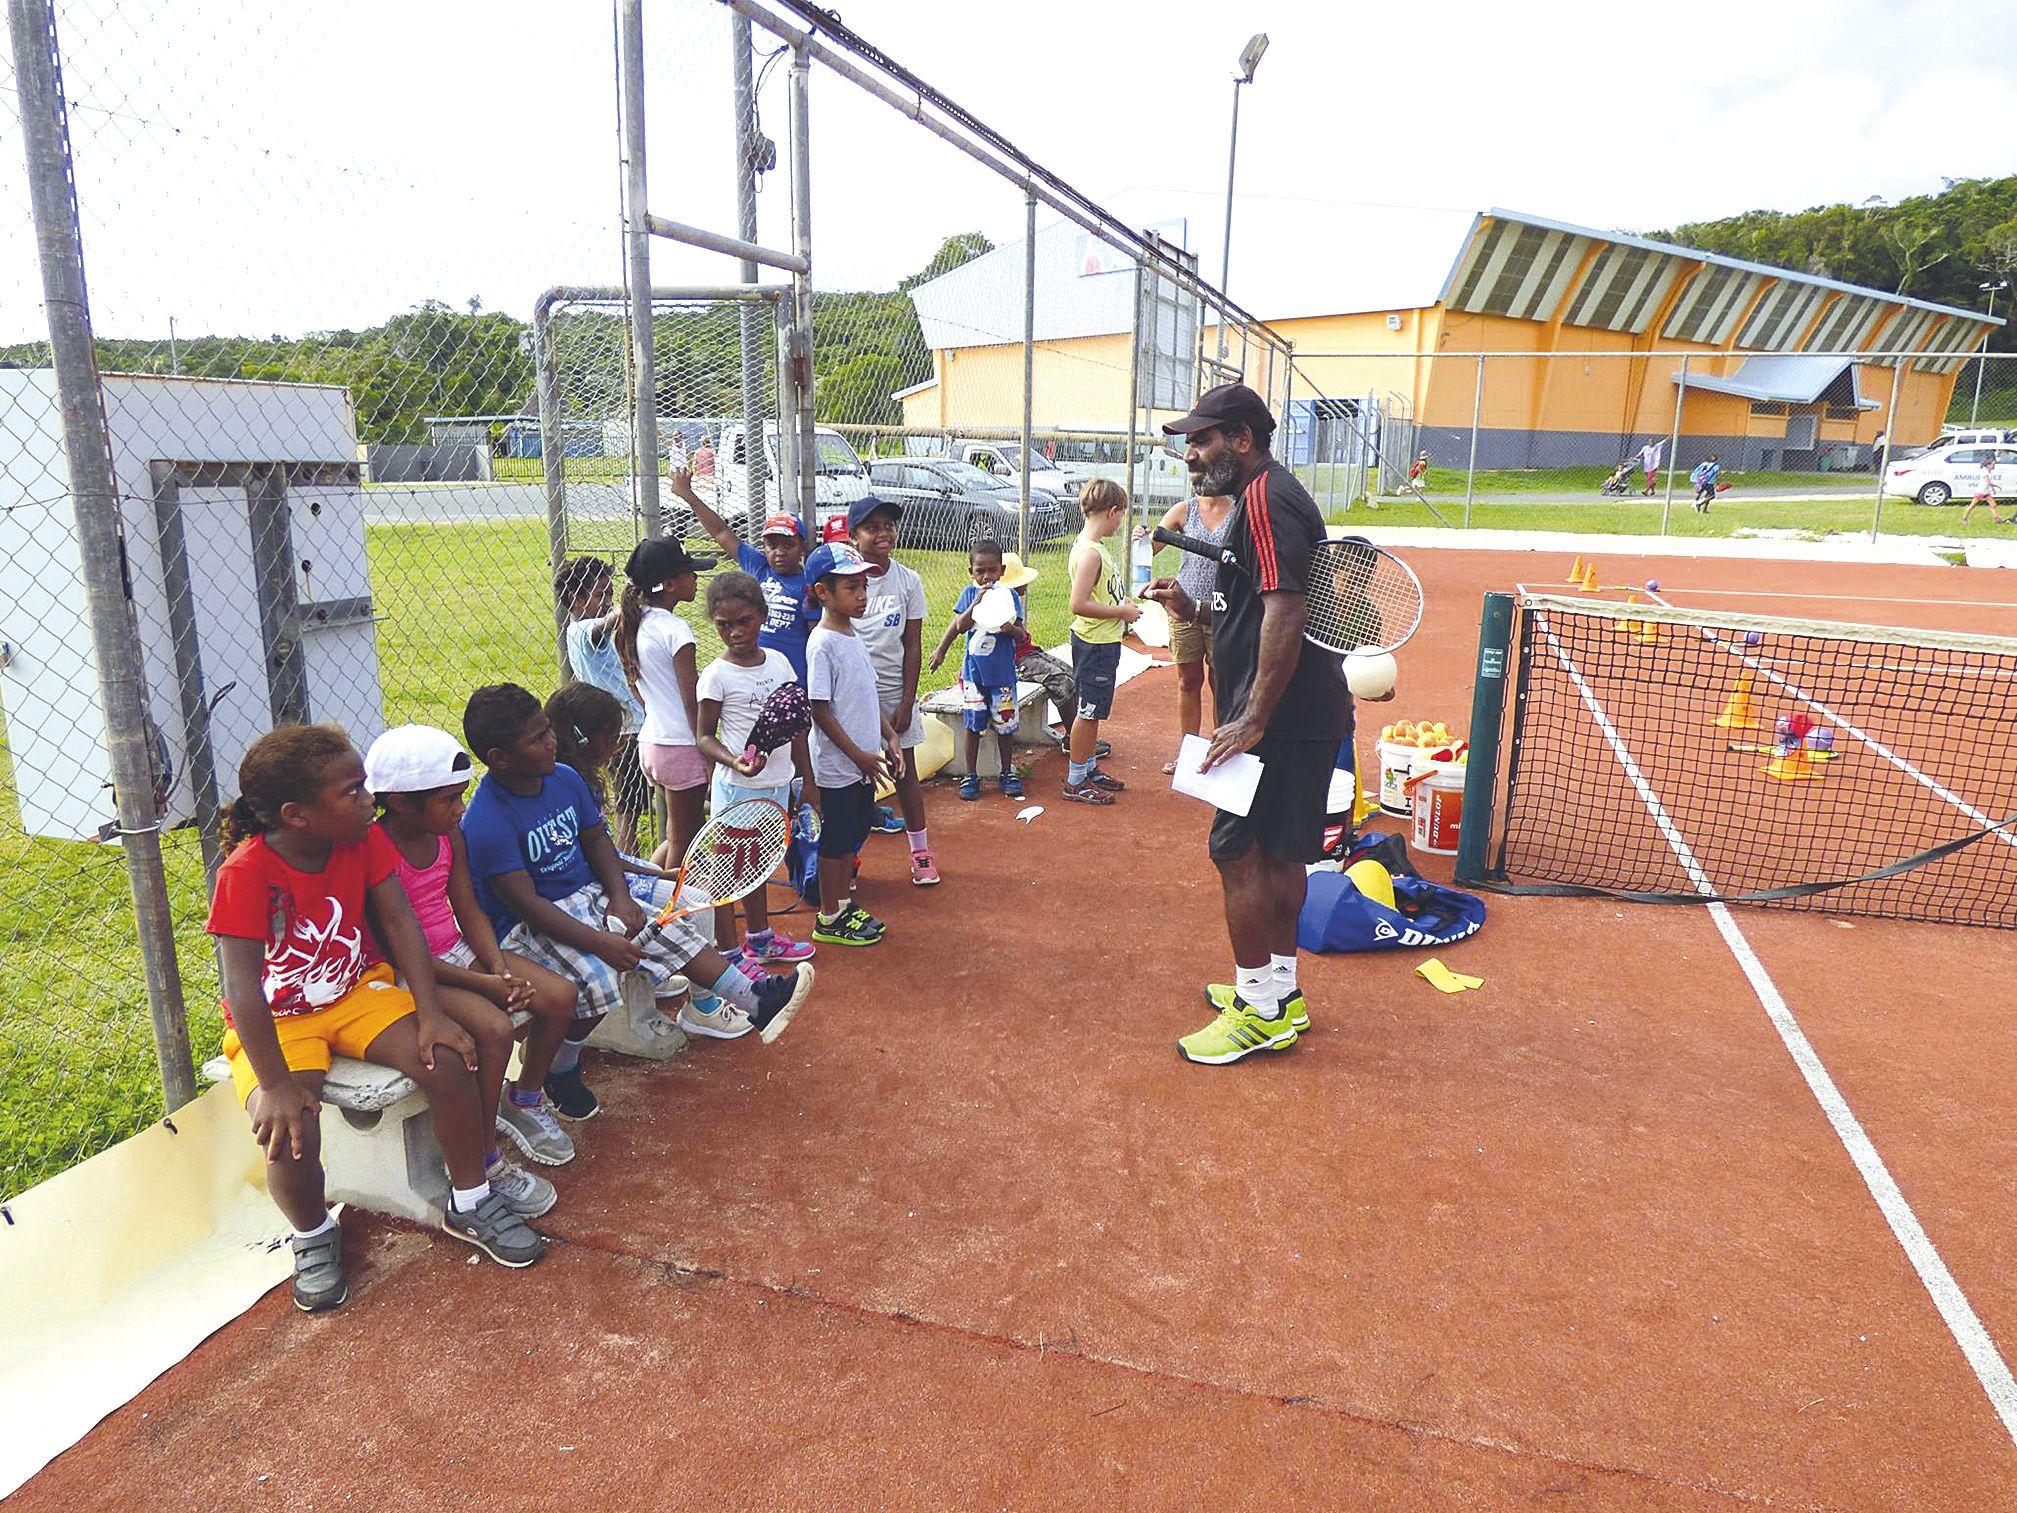 La manifestation a eu lieu côté stade, mais aussi côté court. Une initiation au tennis a permis aux enfants de découvrir le déplacement sur le terrain. Ils ont aussi eu l'occasion de faire une partie de cricket.